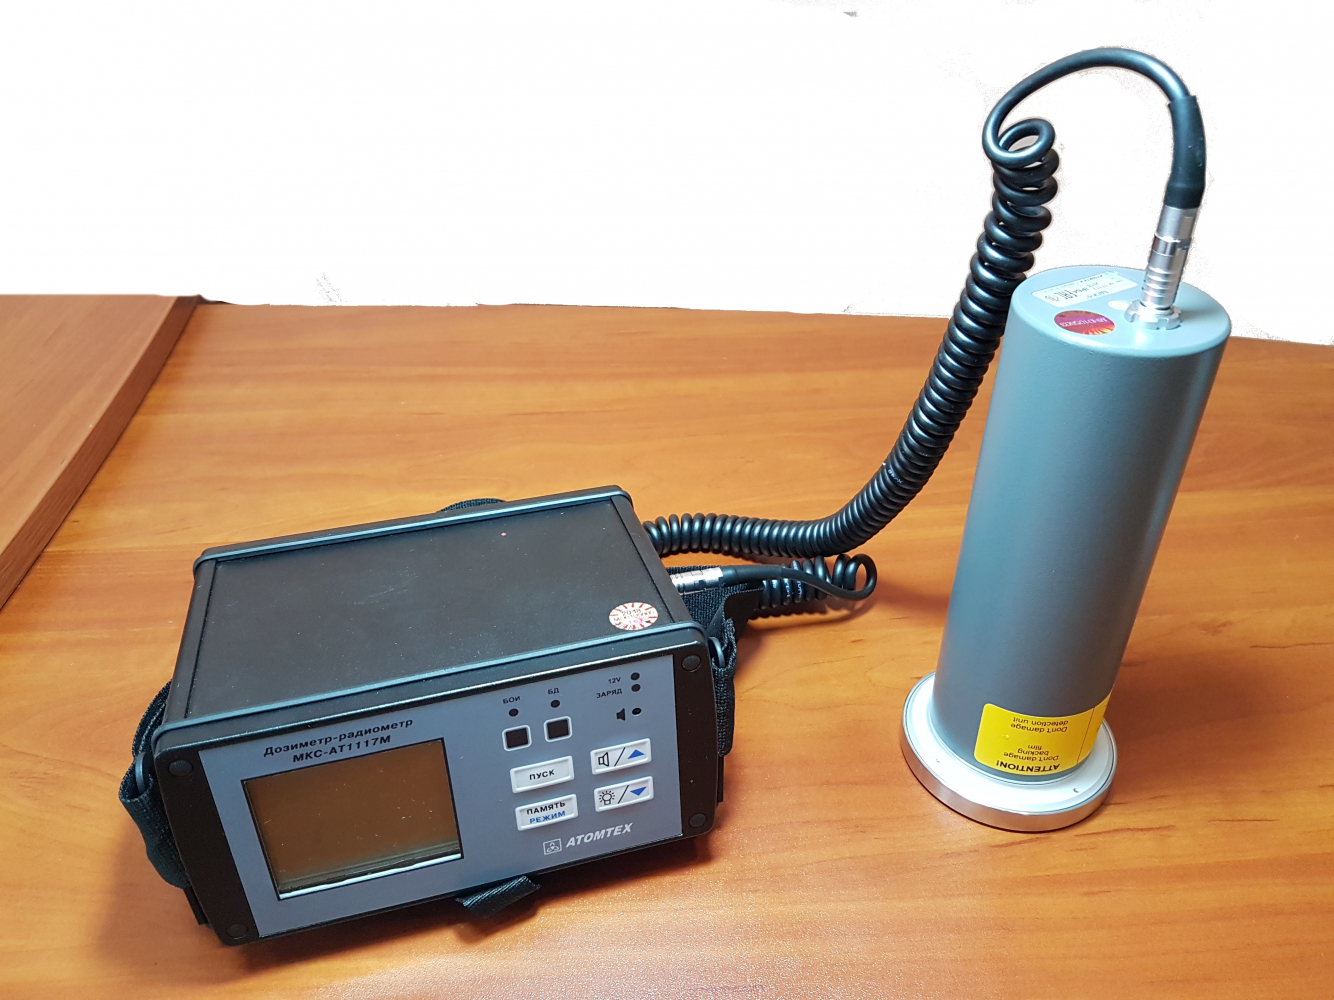 Дозиметр радиометр МКС-АТ1117М с внешним блоком детектирования альфа излучения БДПА-01 - 4